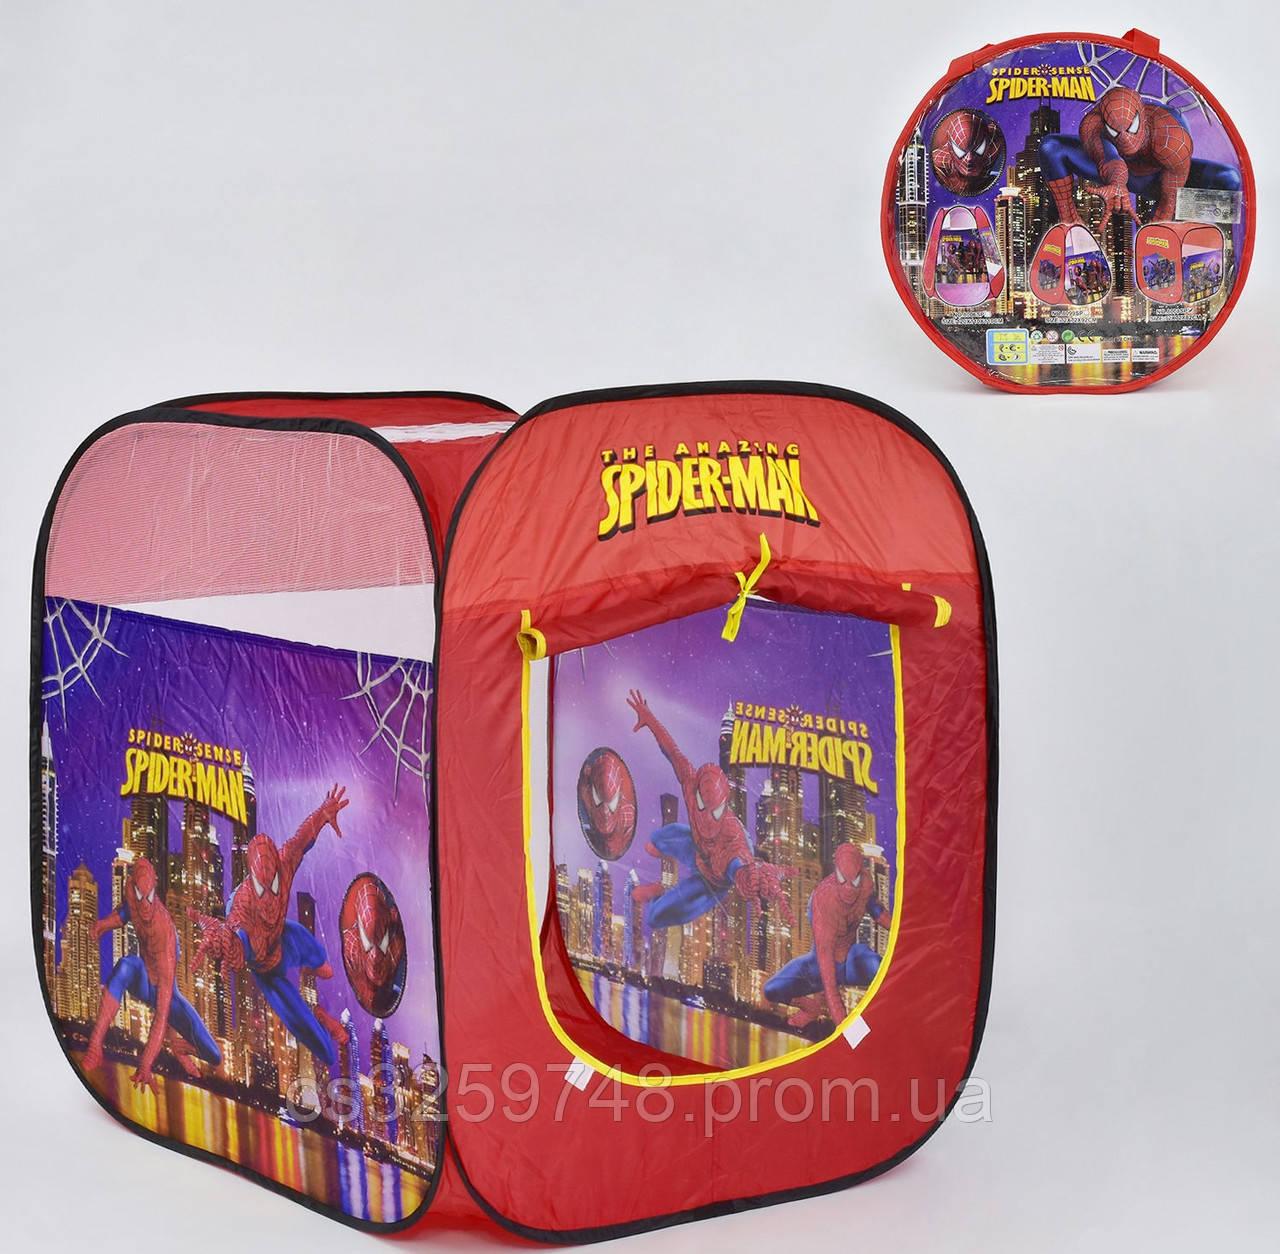 Палатка детская Человек-Паук 8008 SP, в сумке